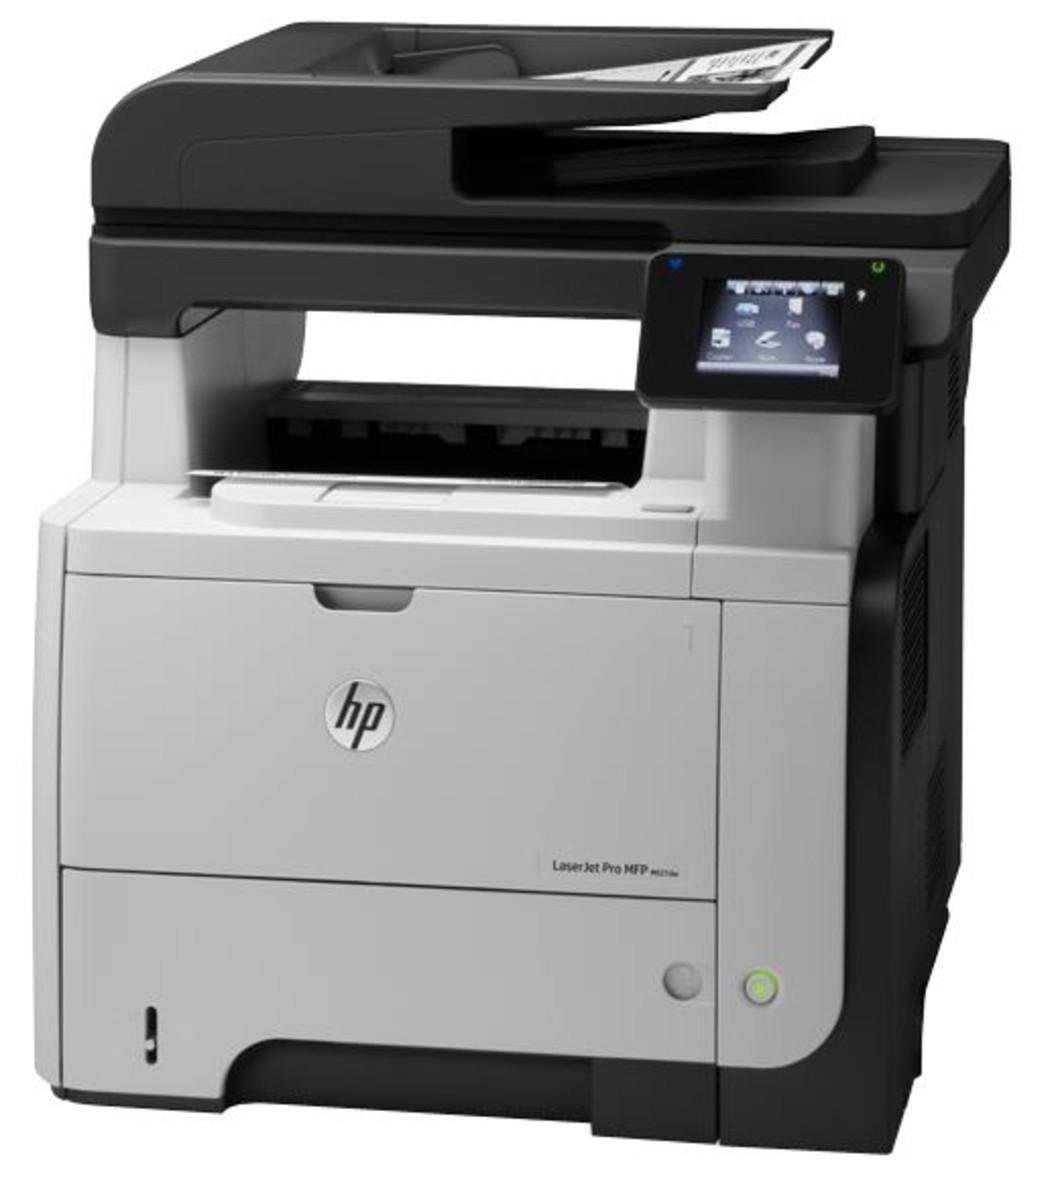 HP LaserJet Pro 500 M521dw Mono-Laser Printer